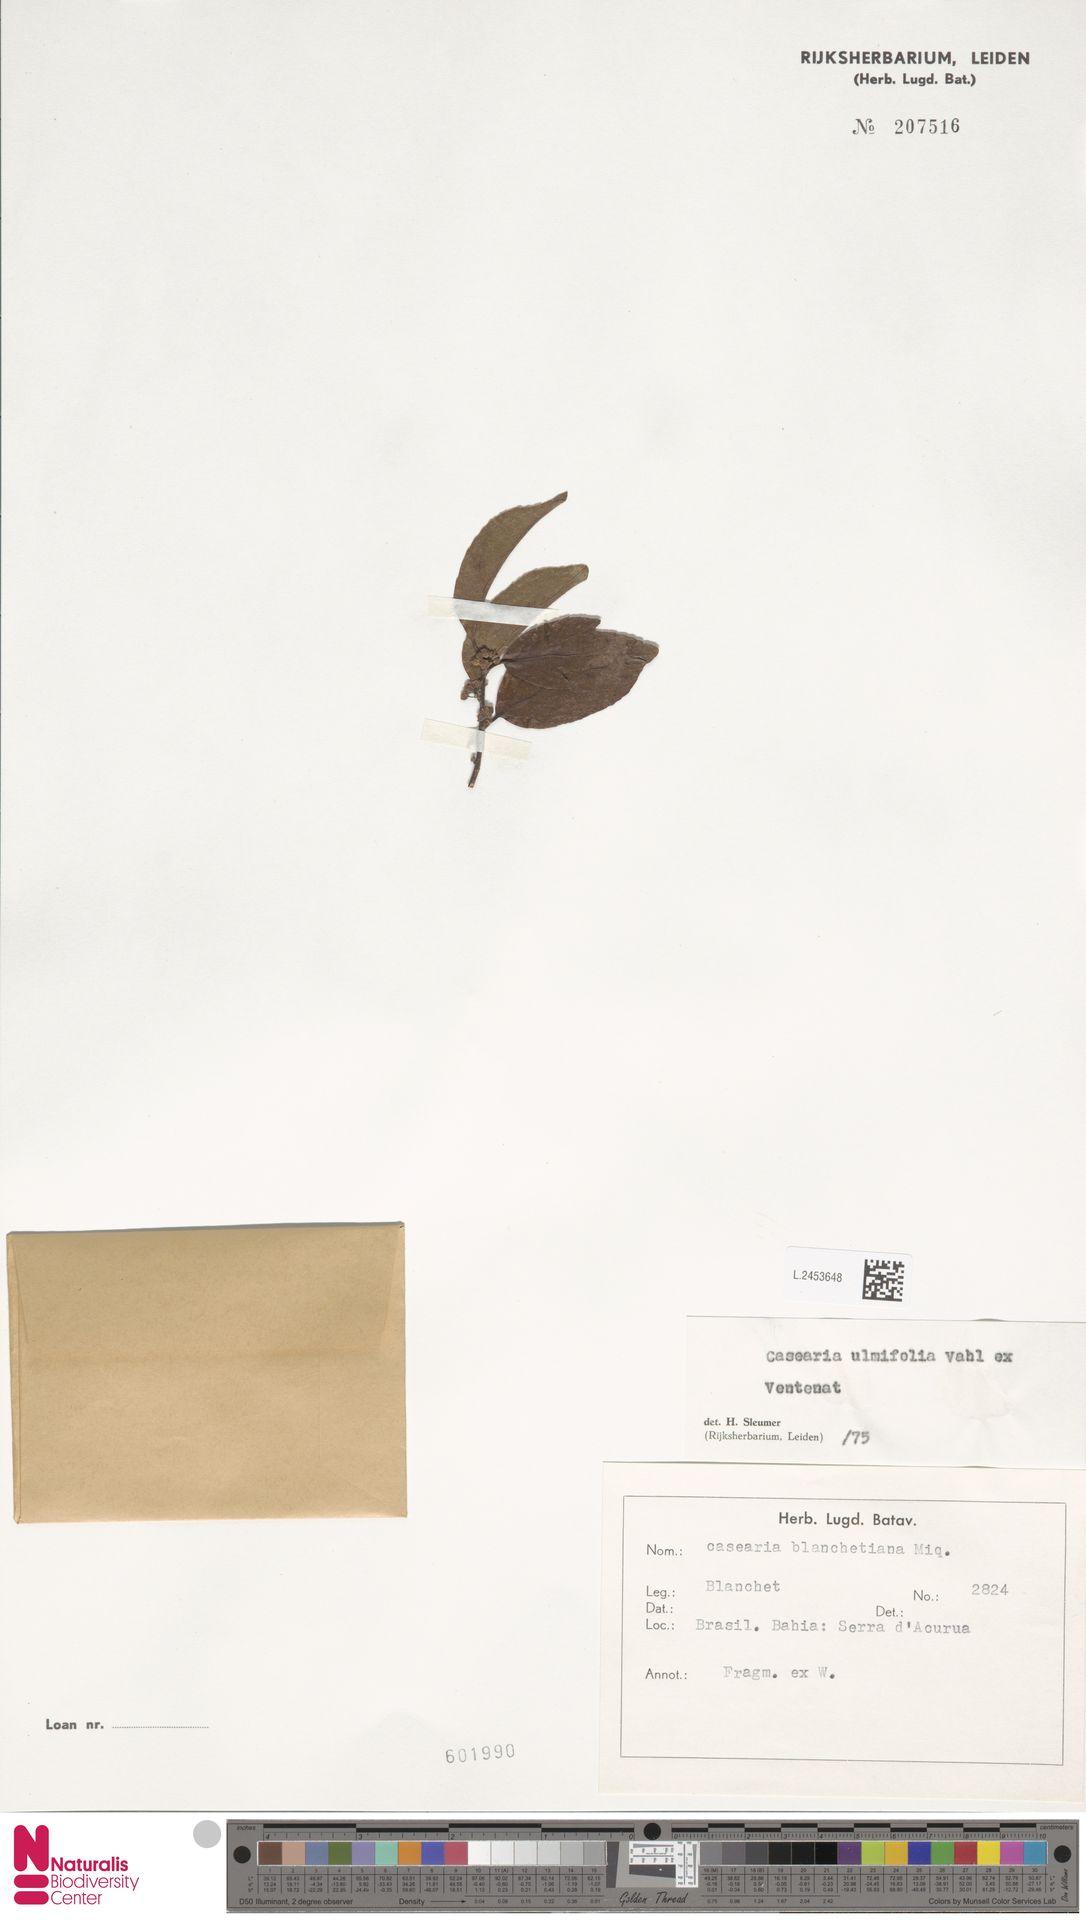 L.2453648 | Casearia ulmifolia Vahl ex Vent.